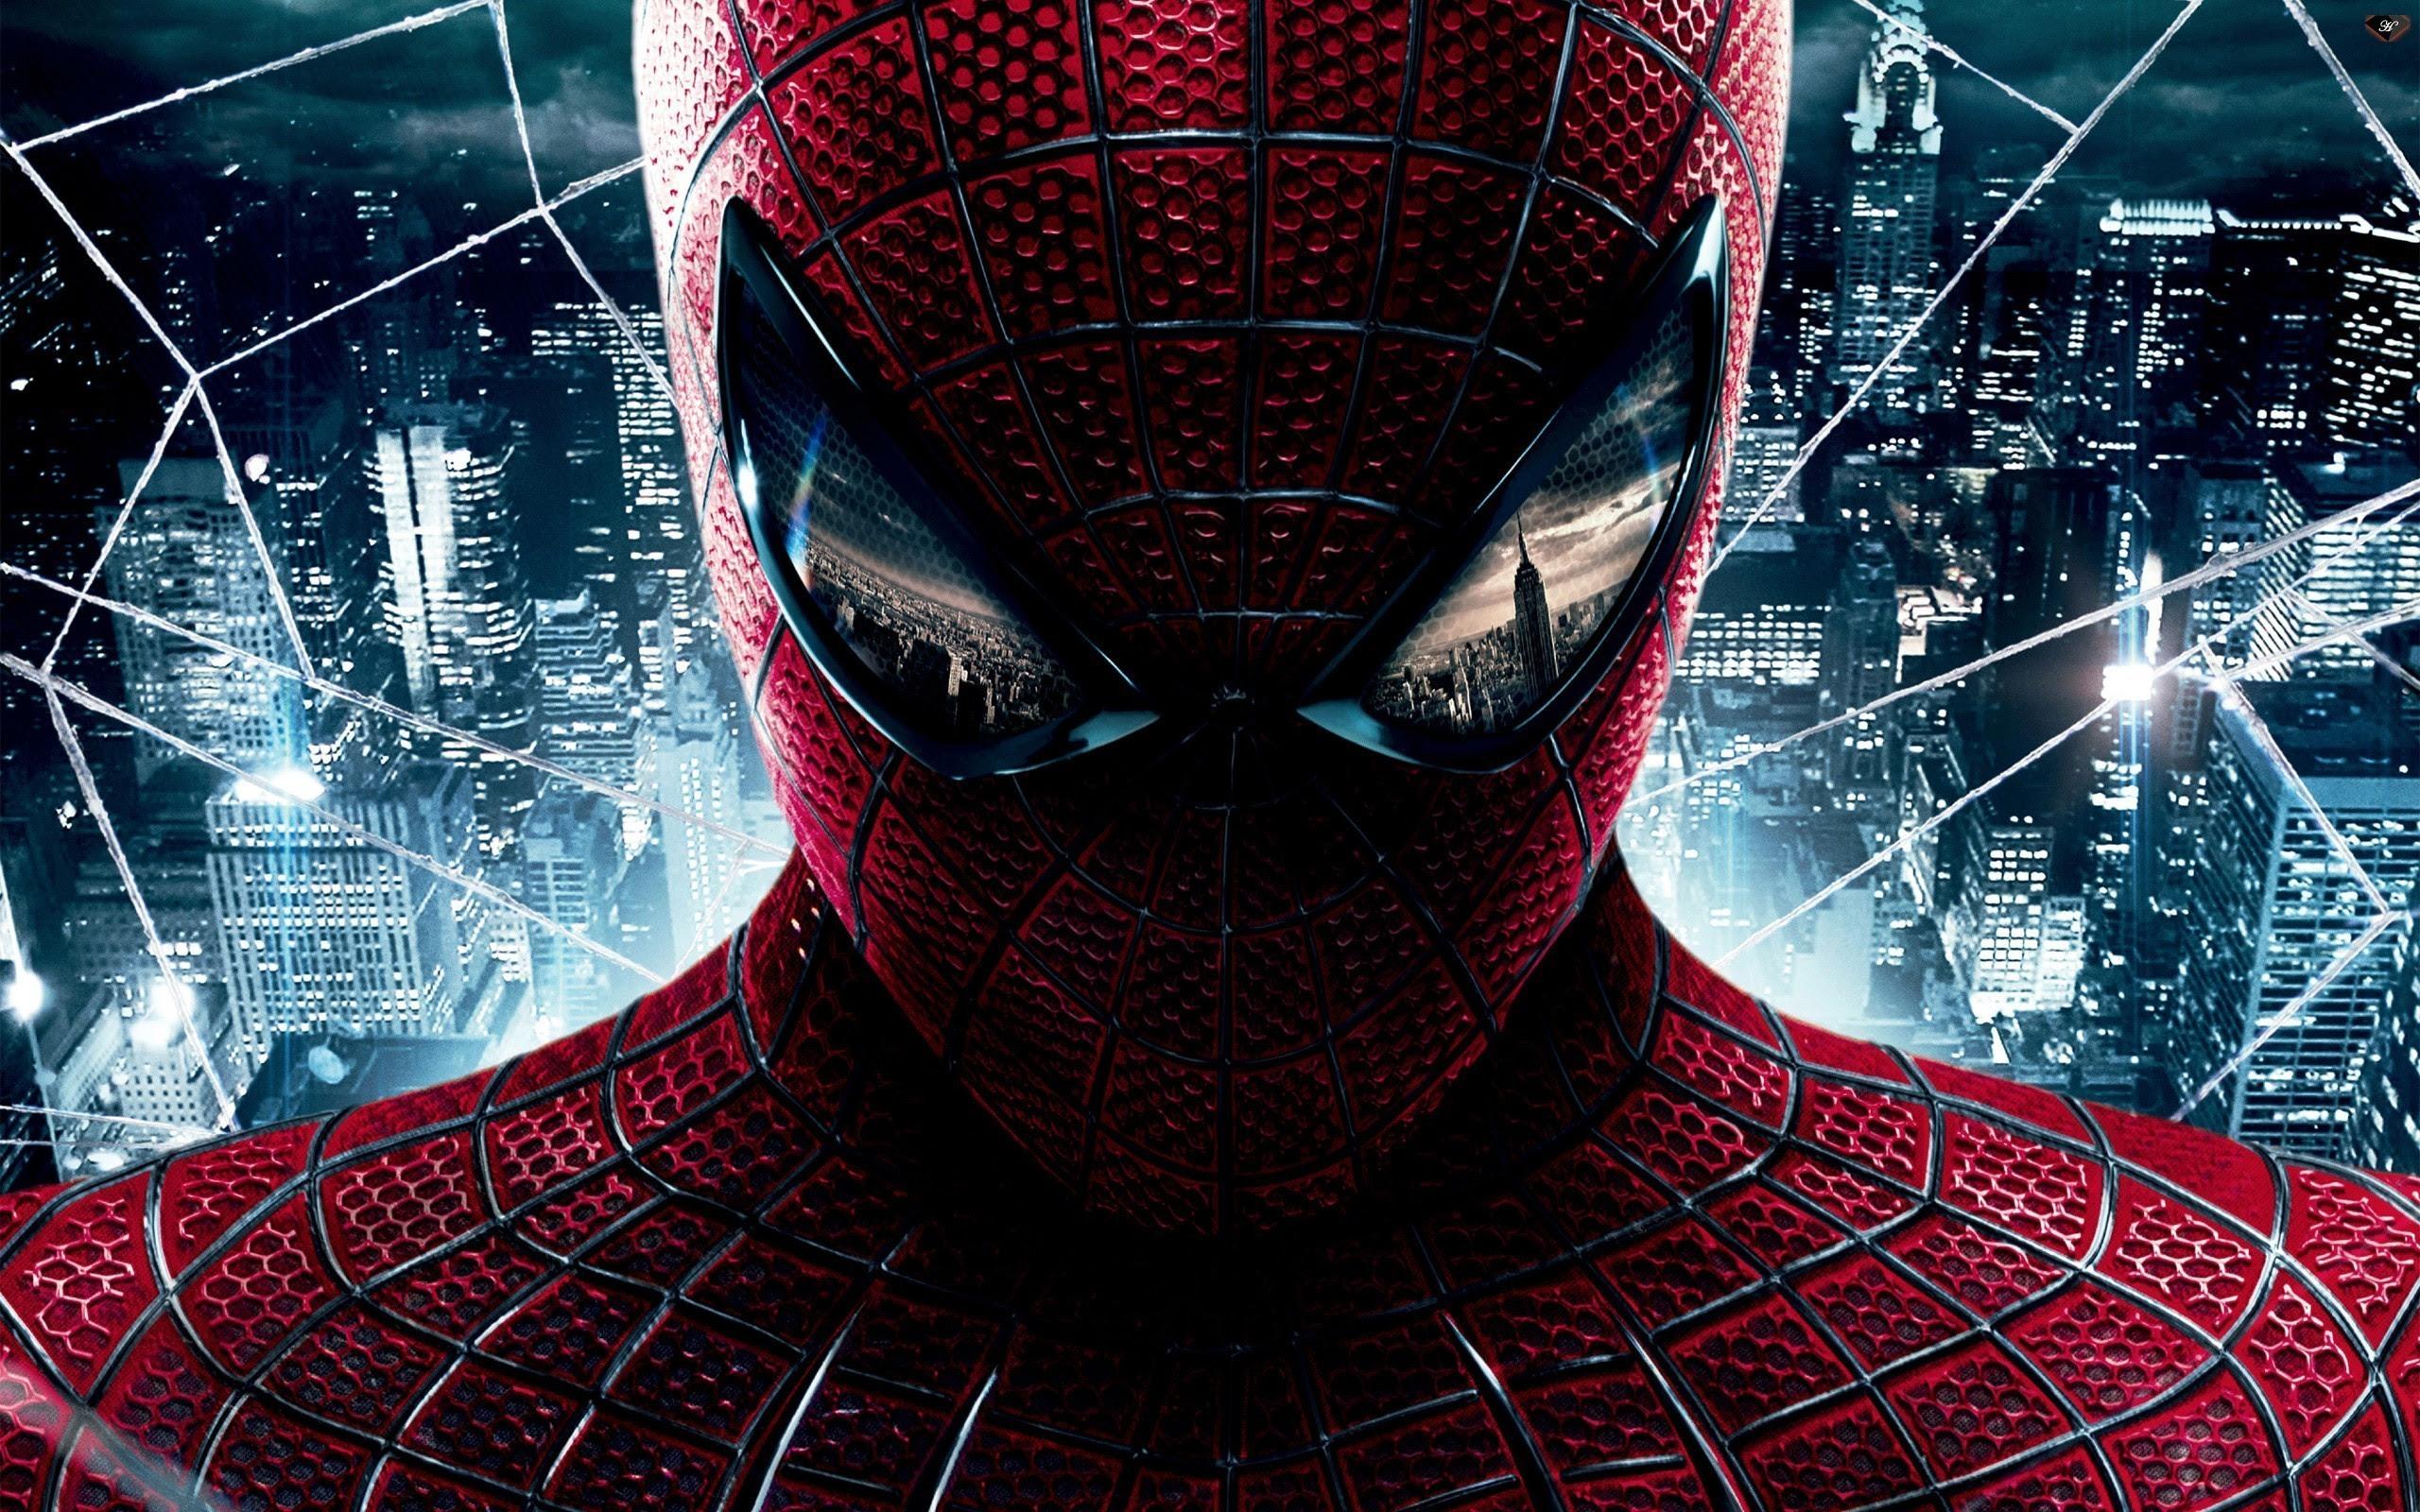 Unduh 77 Koleksi Wallpaper Android Spiderman 3d Terbaik